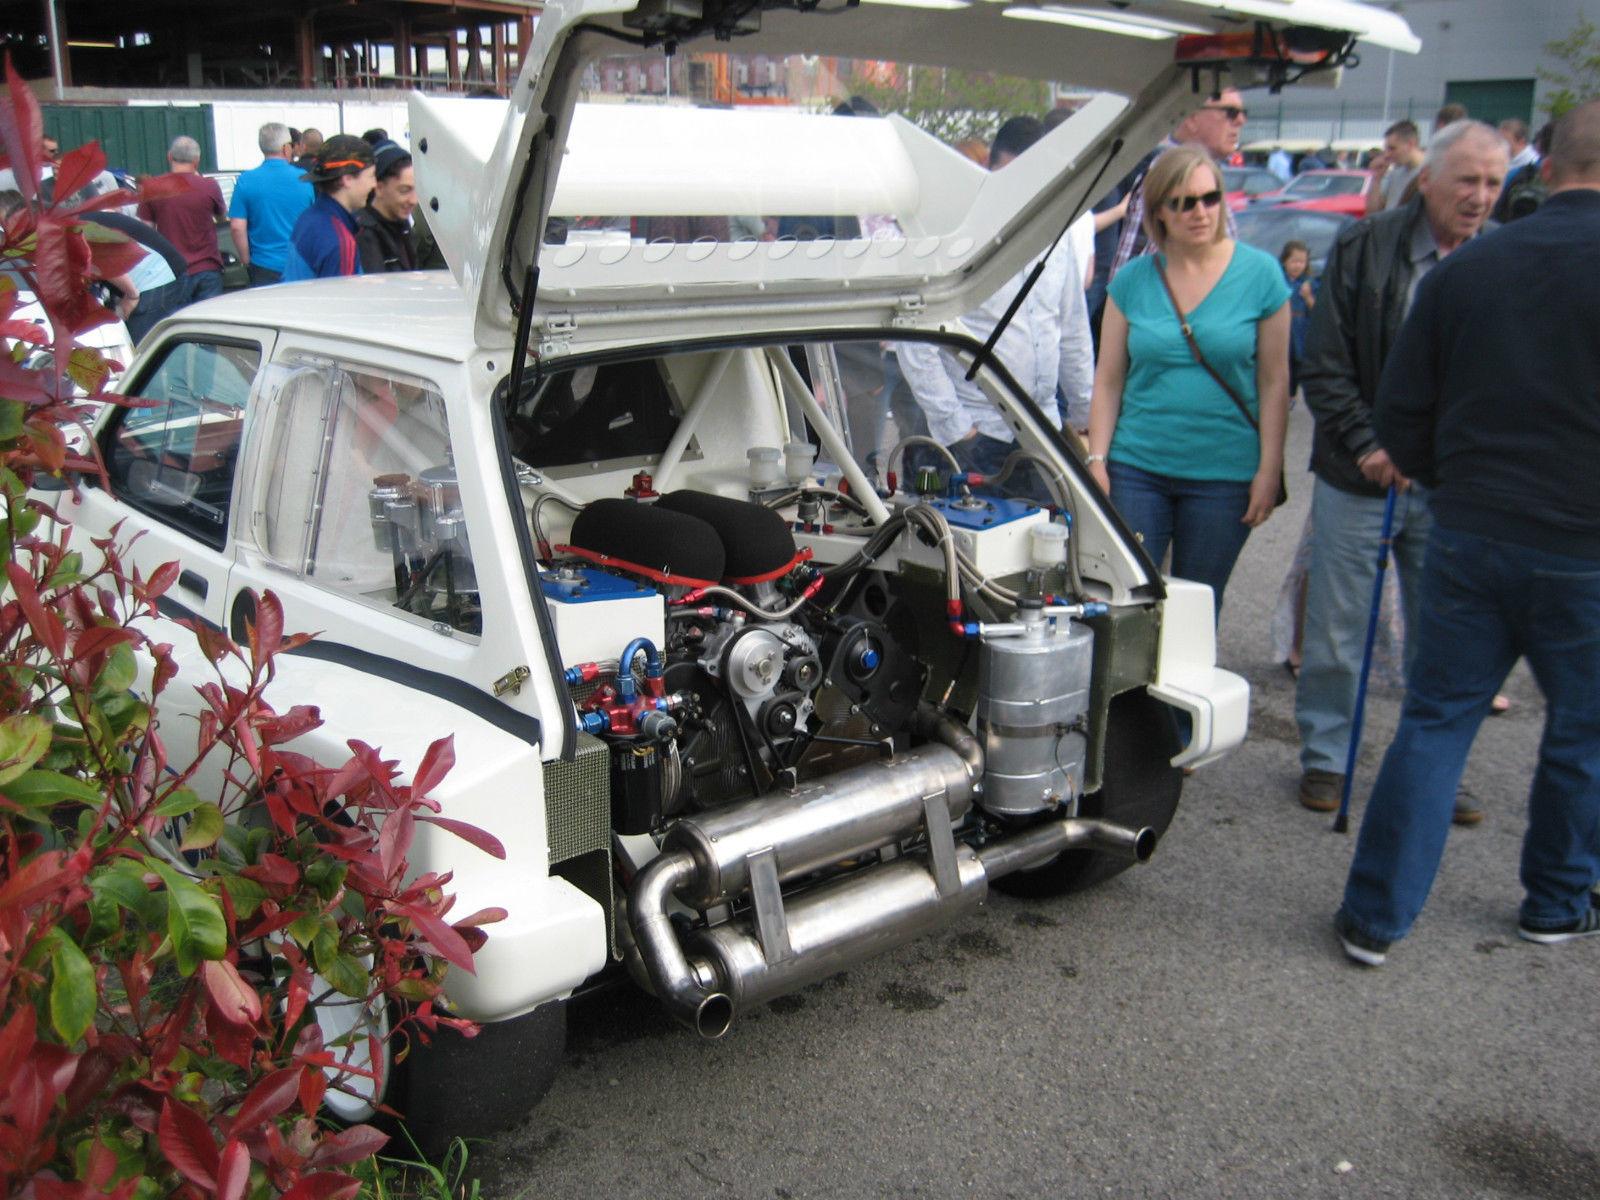 ¿Quieres el MG Metro 6R4 de Colin McRae? Prepara más de 400.000 euros... 3